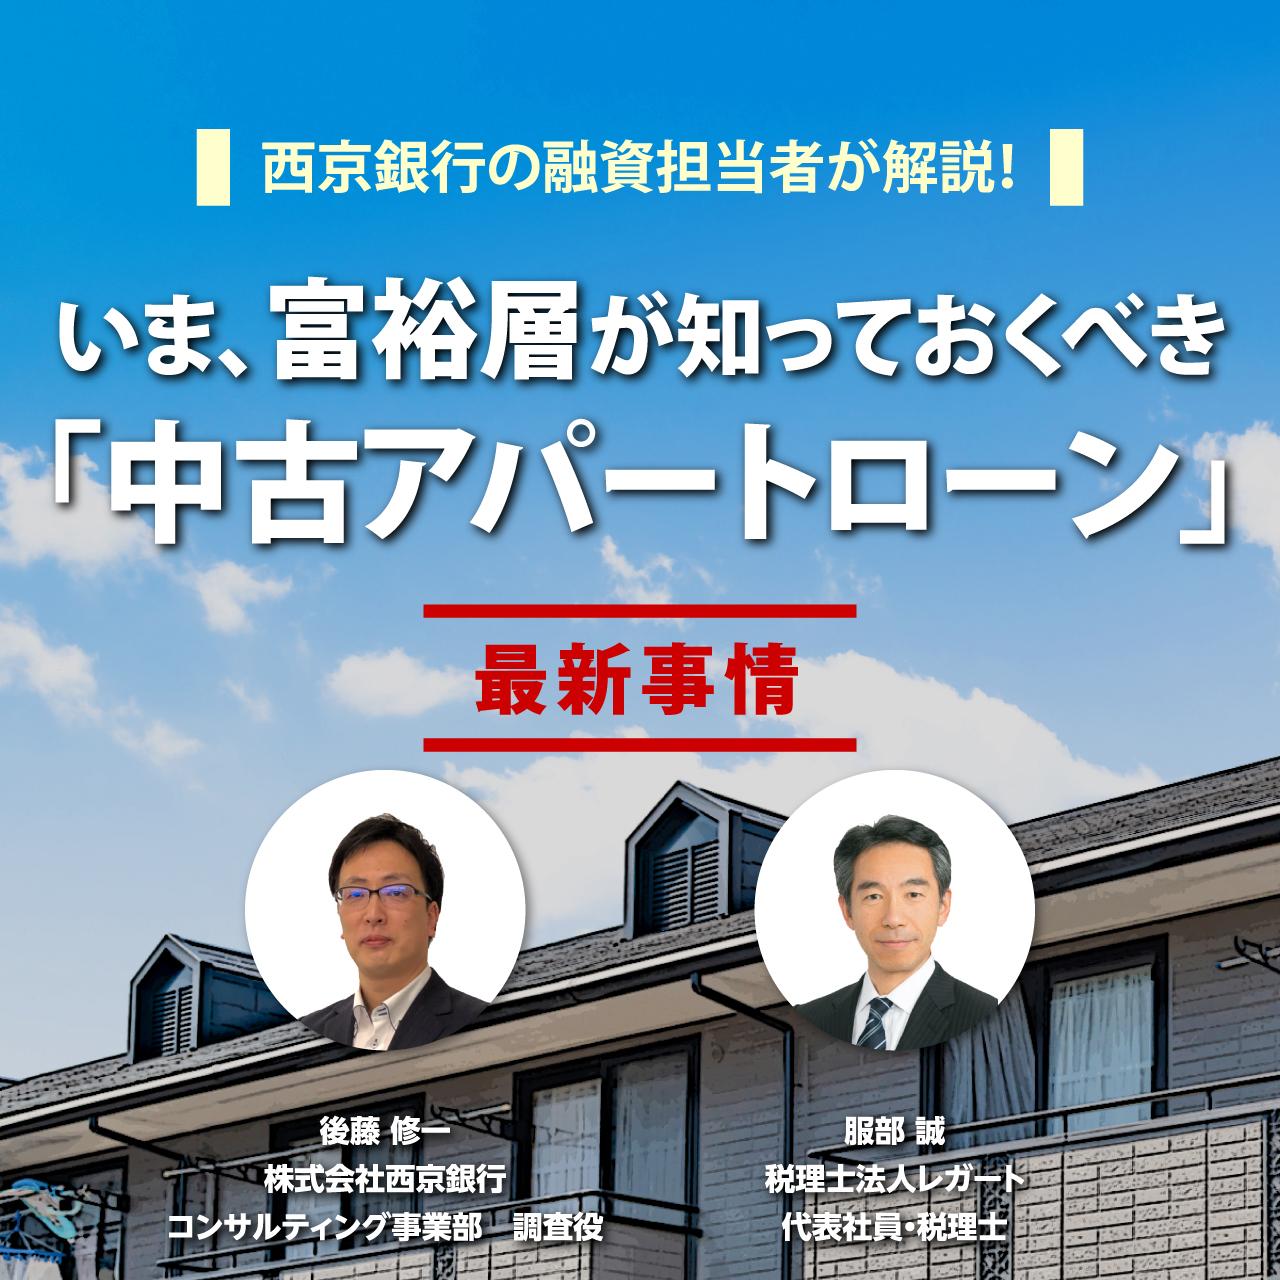 【オンライン開催】西京銀行の融資担当者が解説!いま、富裕層が知っておくべき「中古アパートローン」最新事情